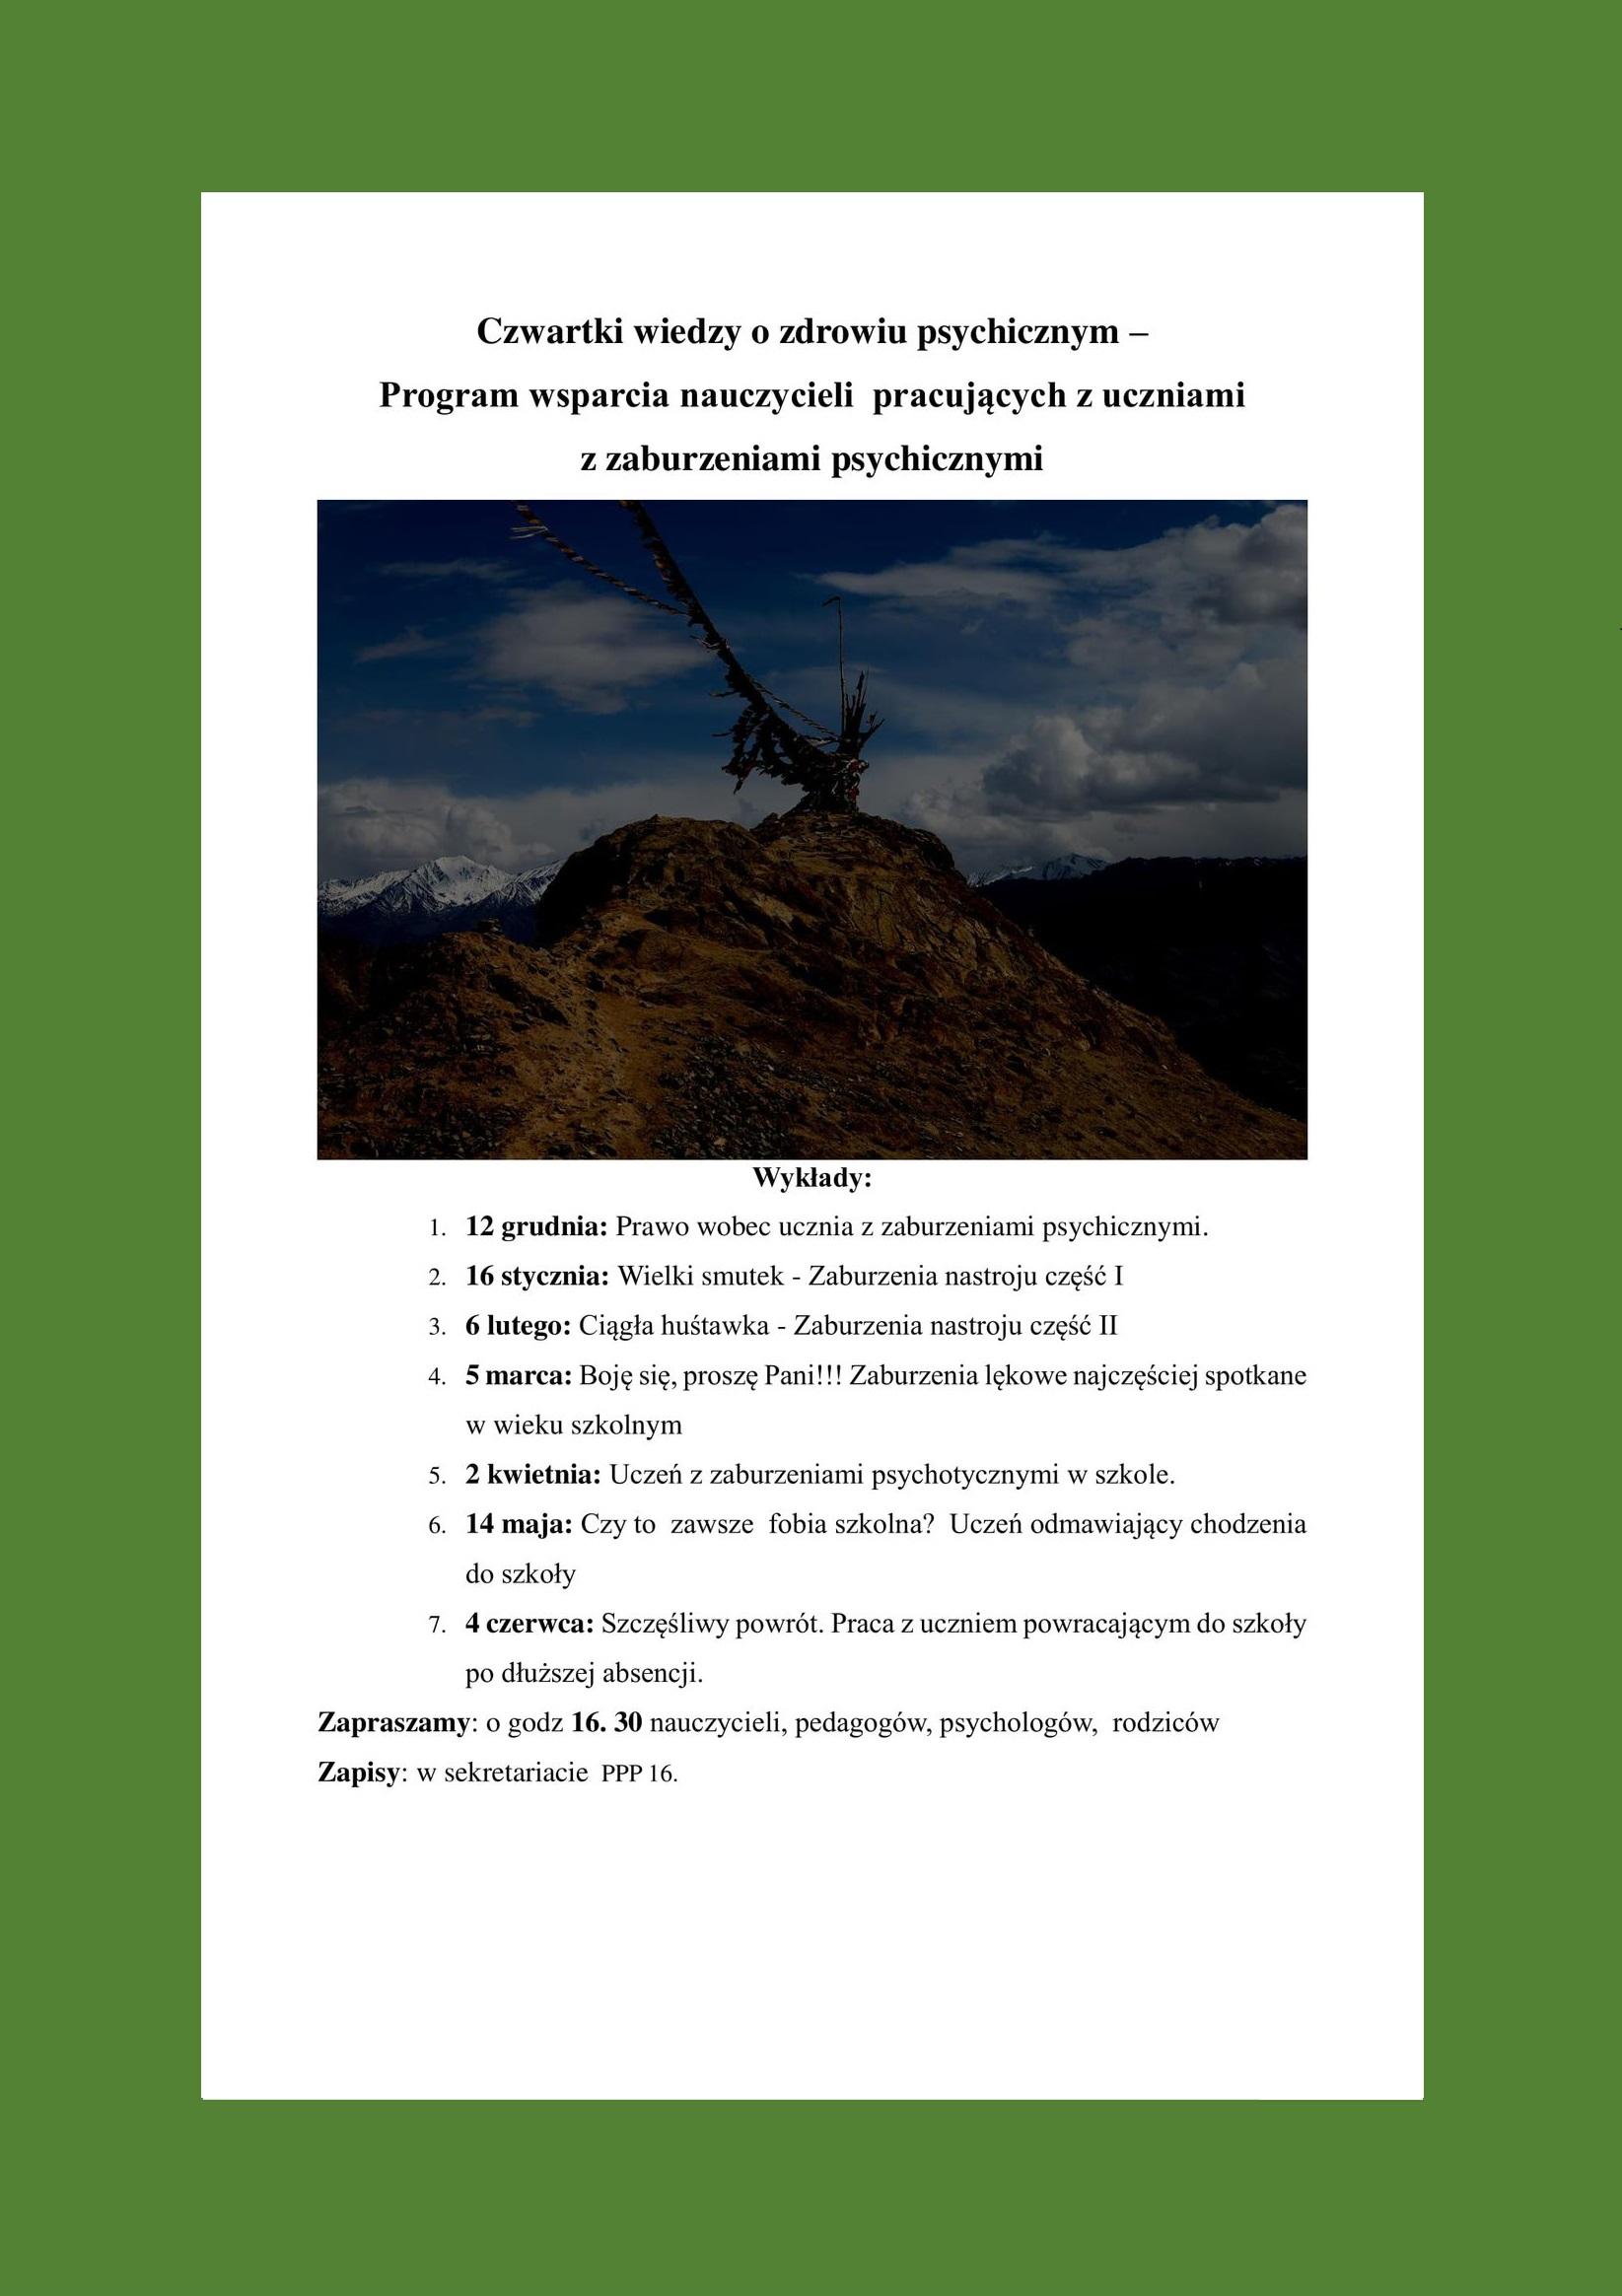 Plakat - Czwartki wiedzy o zdrowiu psychicznym